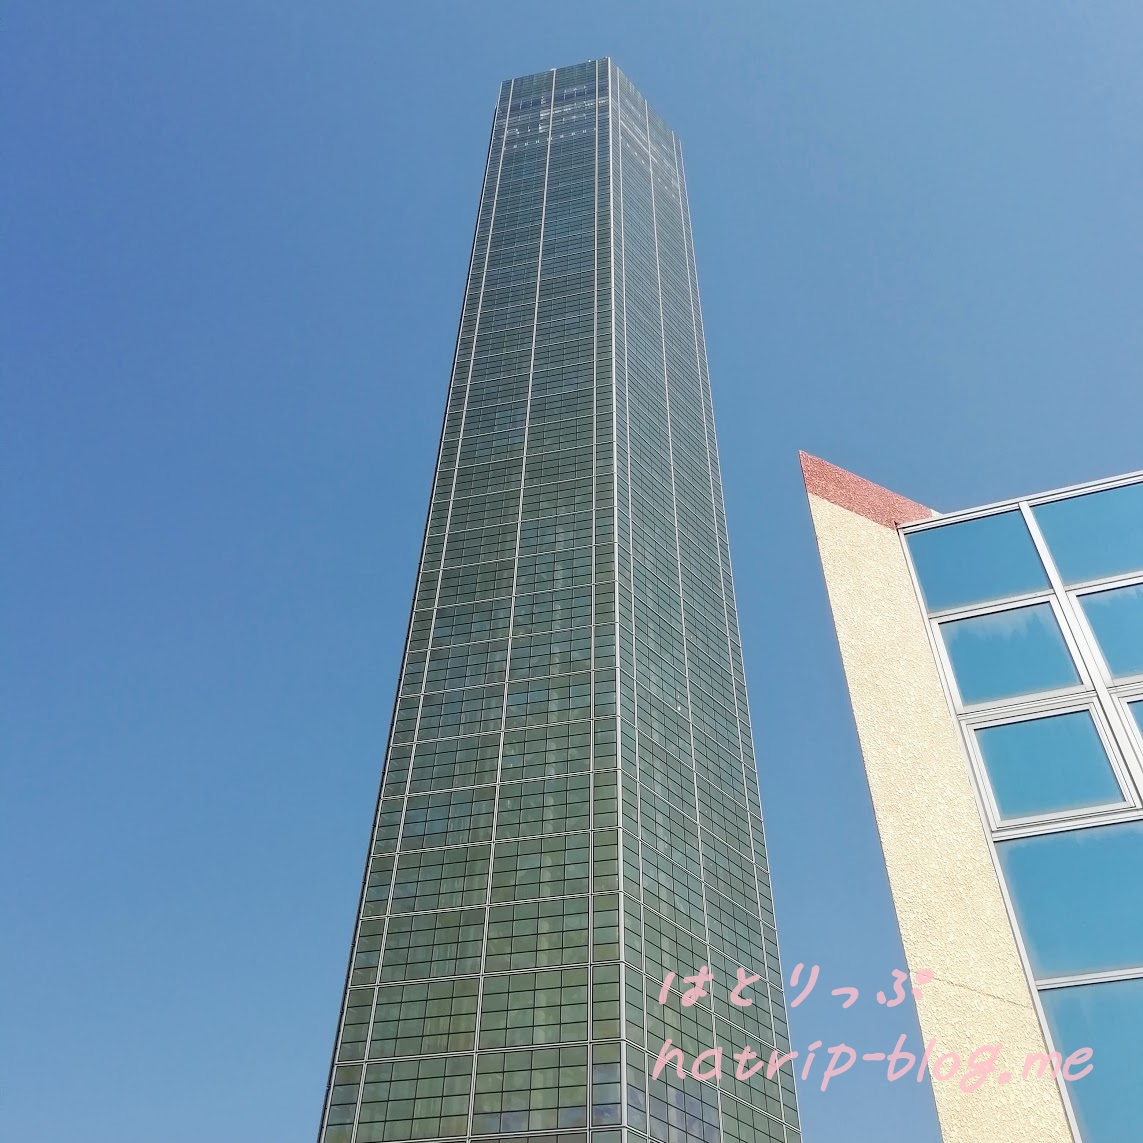 香川 宇多津 プレイパークゴールドタワー